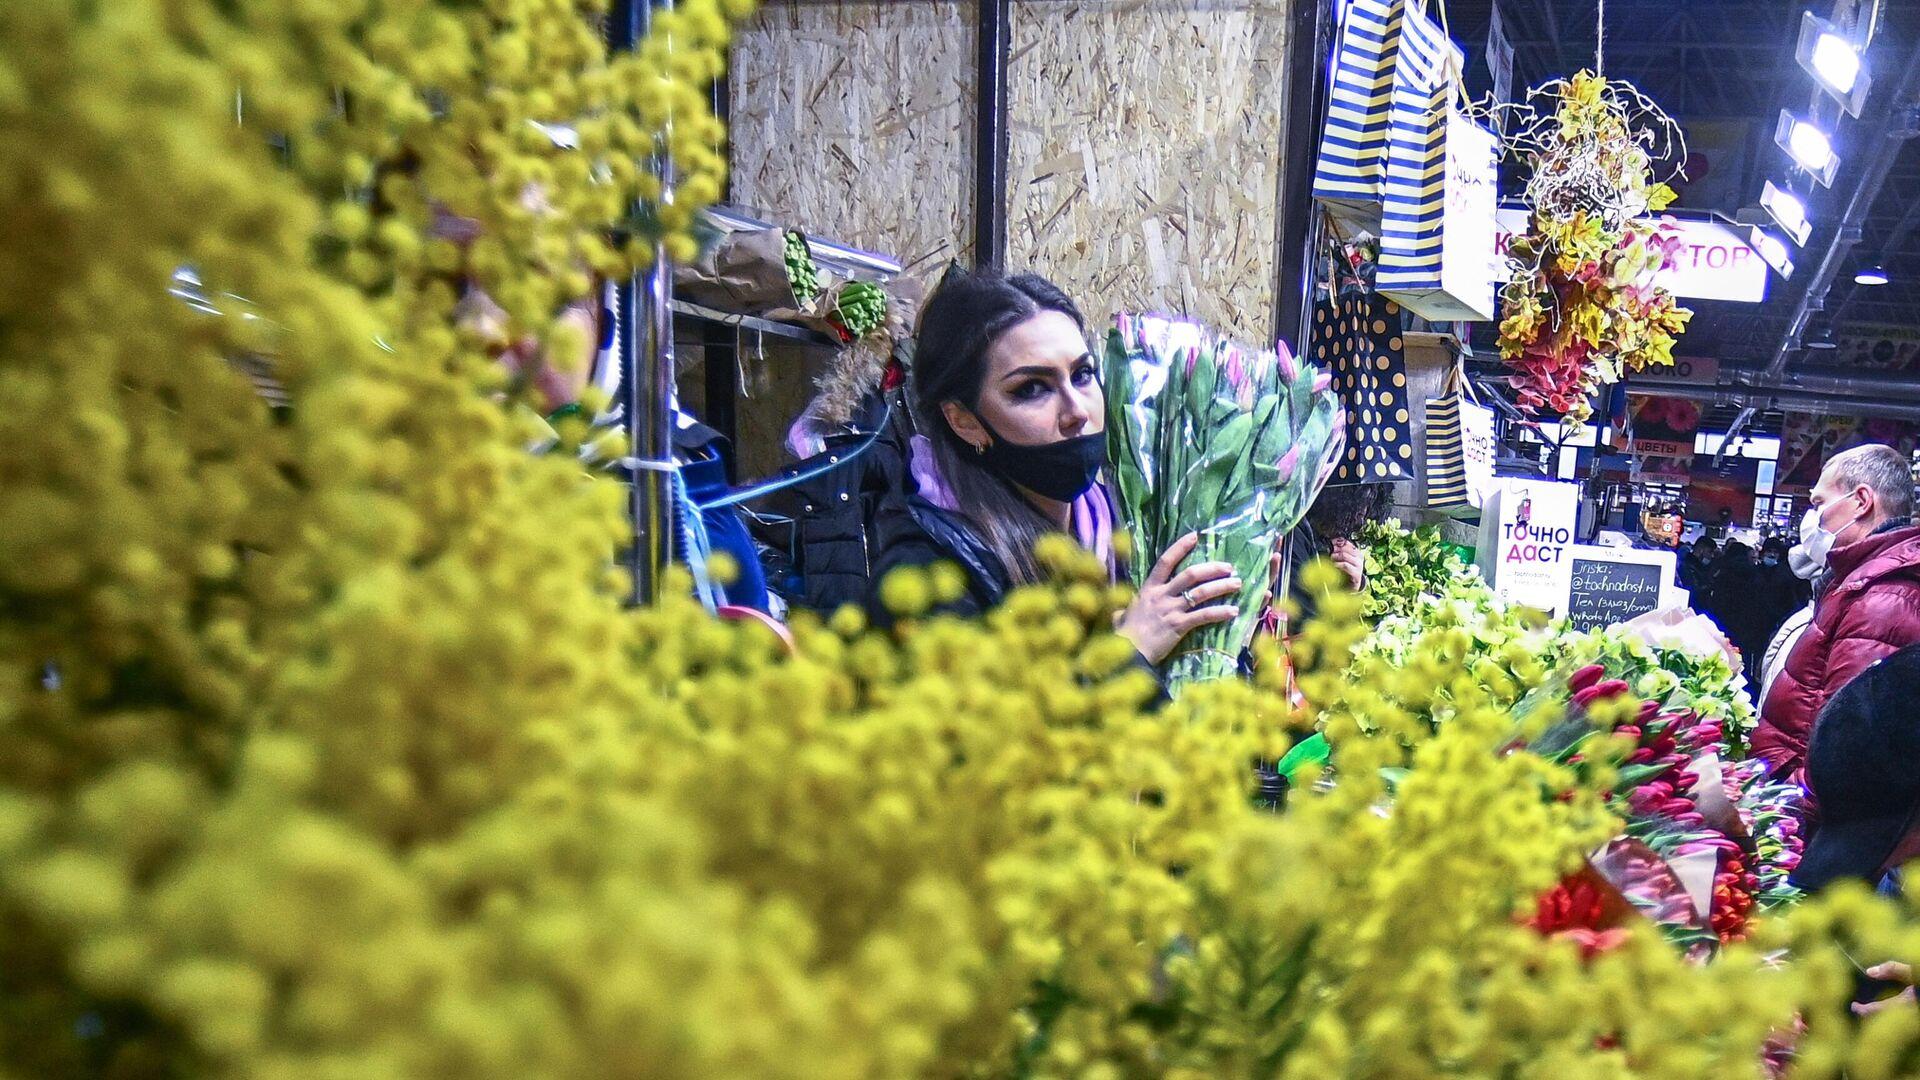 Продажа цветов накануне Международного женского дня на Рижском рынке в Москве - РИА Новости, 1920, 08.03.2021